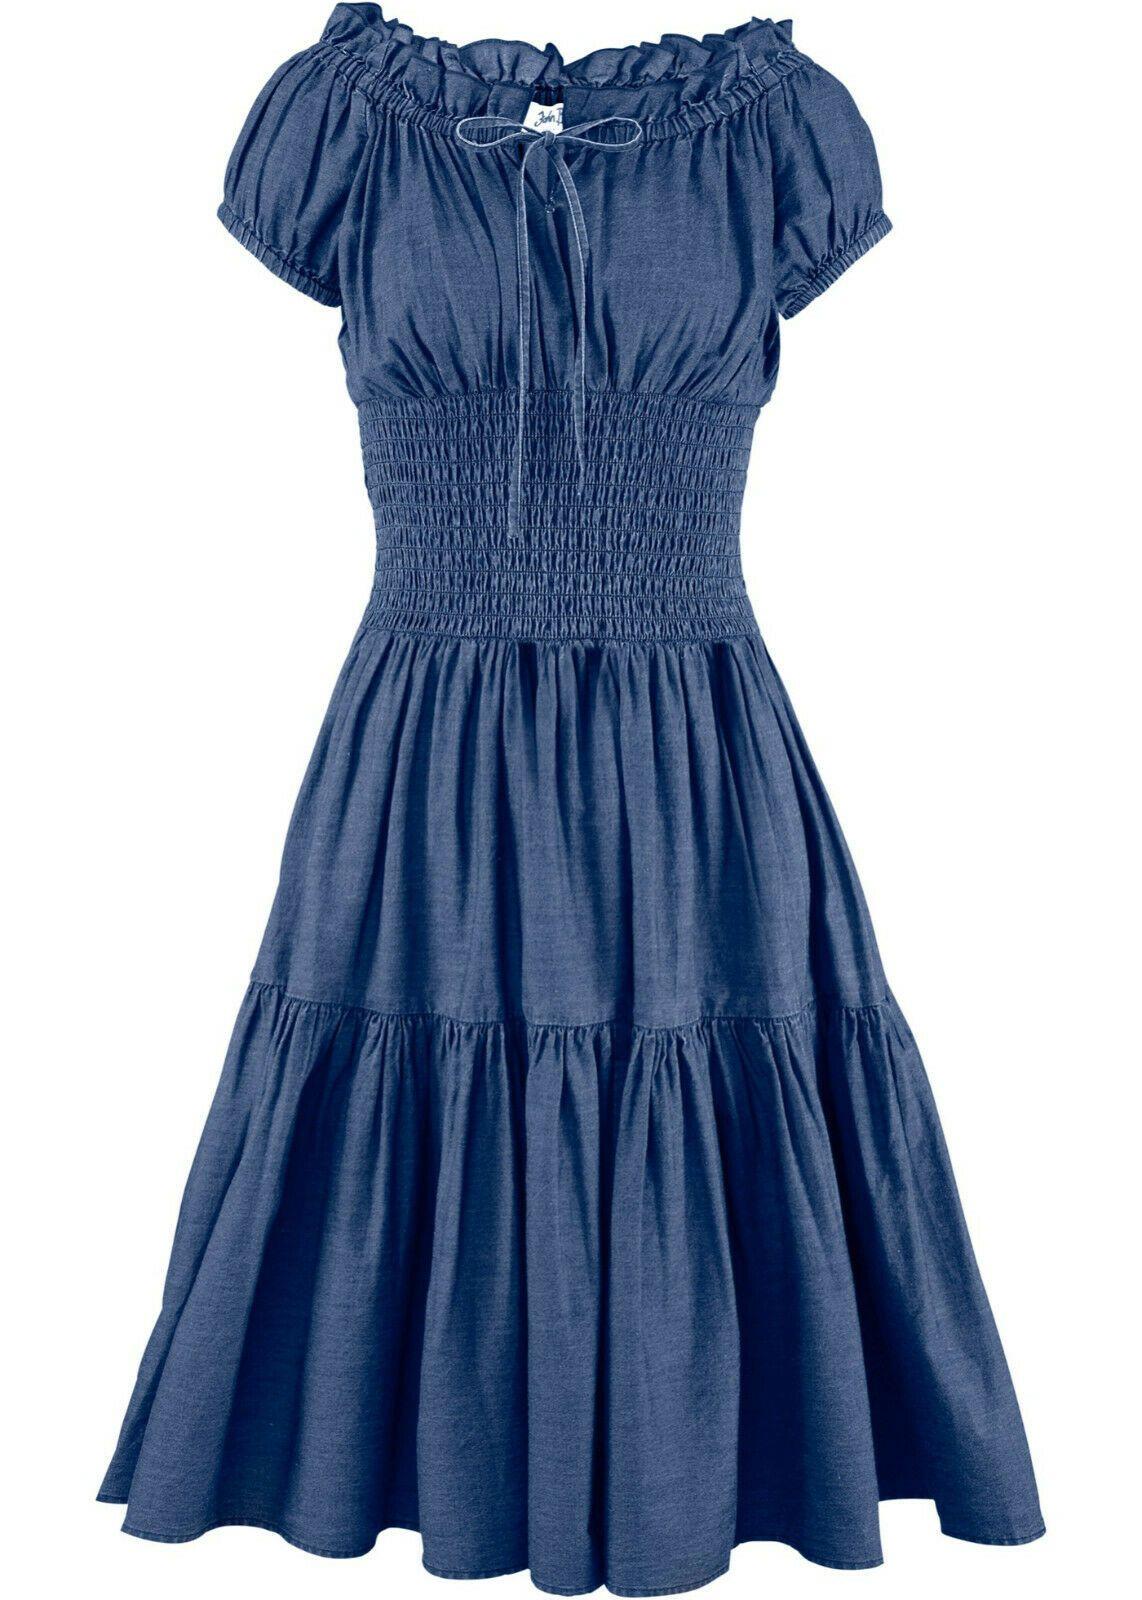 details zu damen jeanskleid blau 46 48 50 sommer kleid l xl